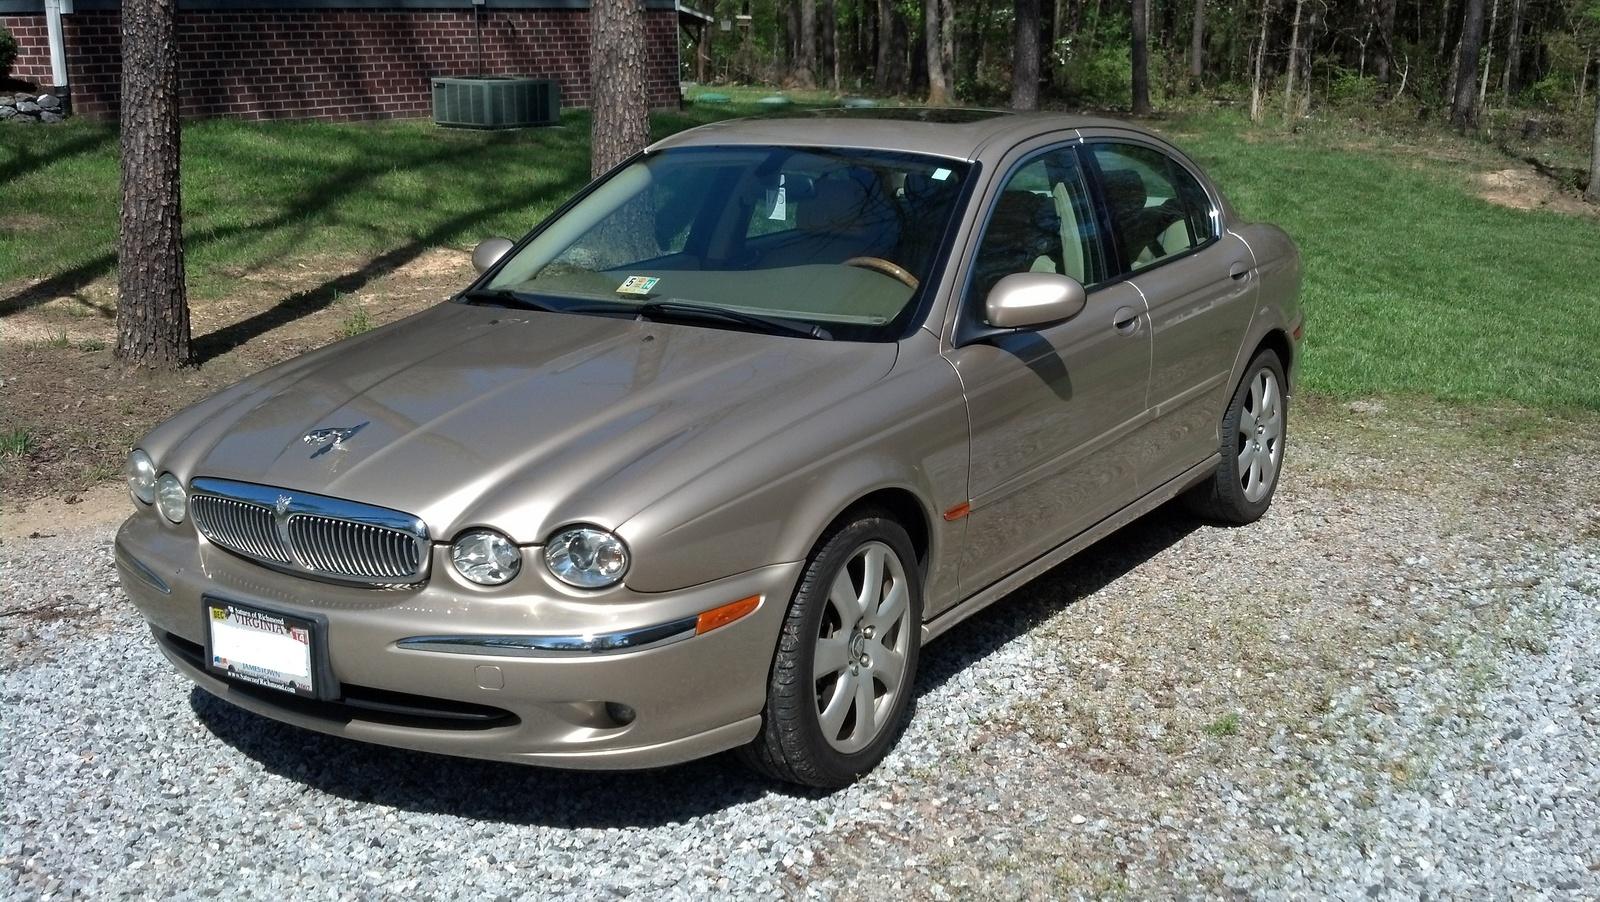 2004 Jaguar X-Type - Pictures - CarGurus